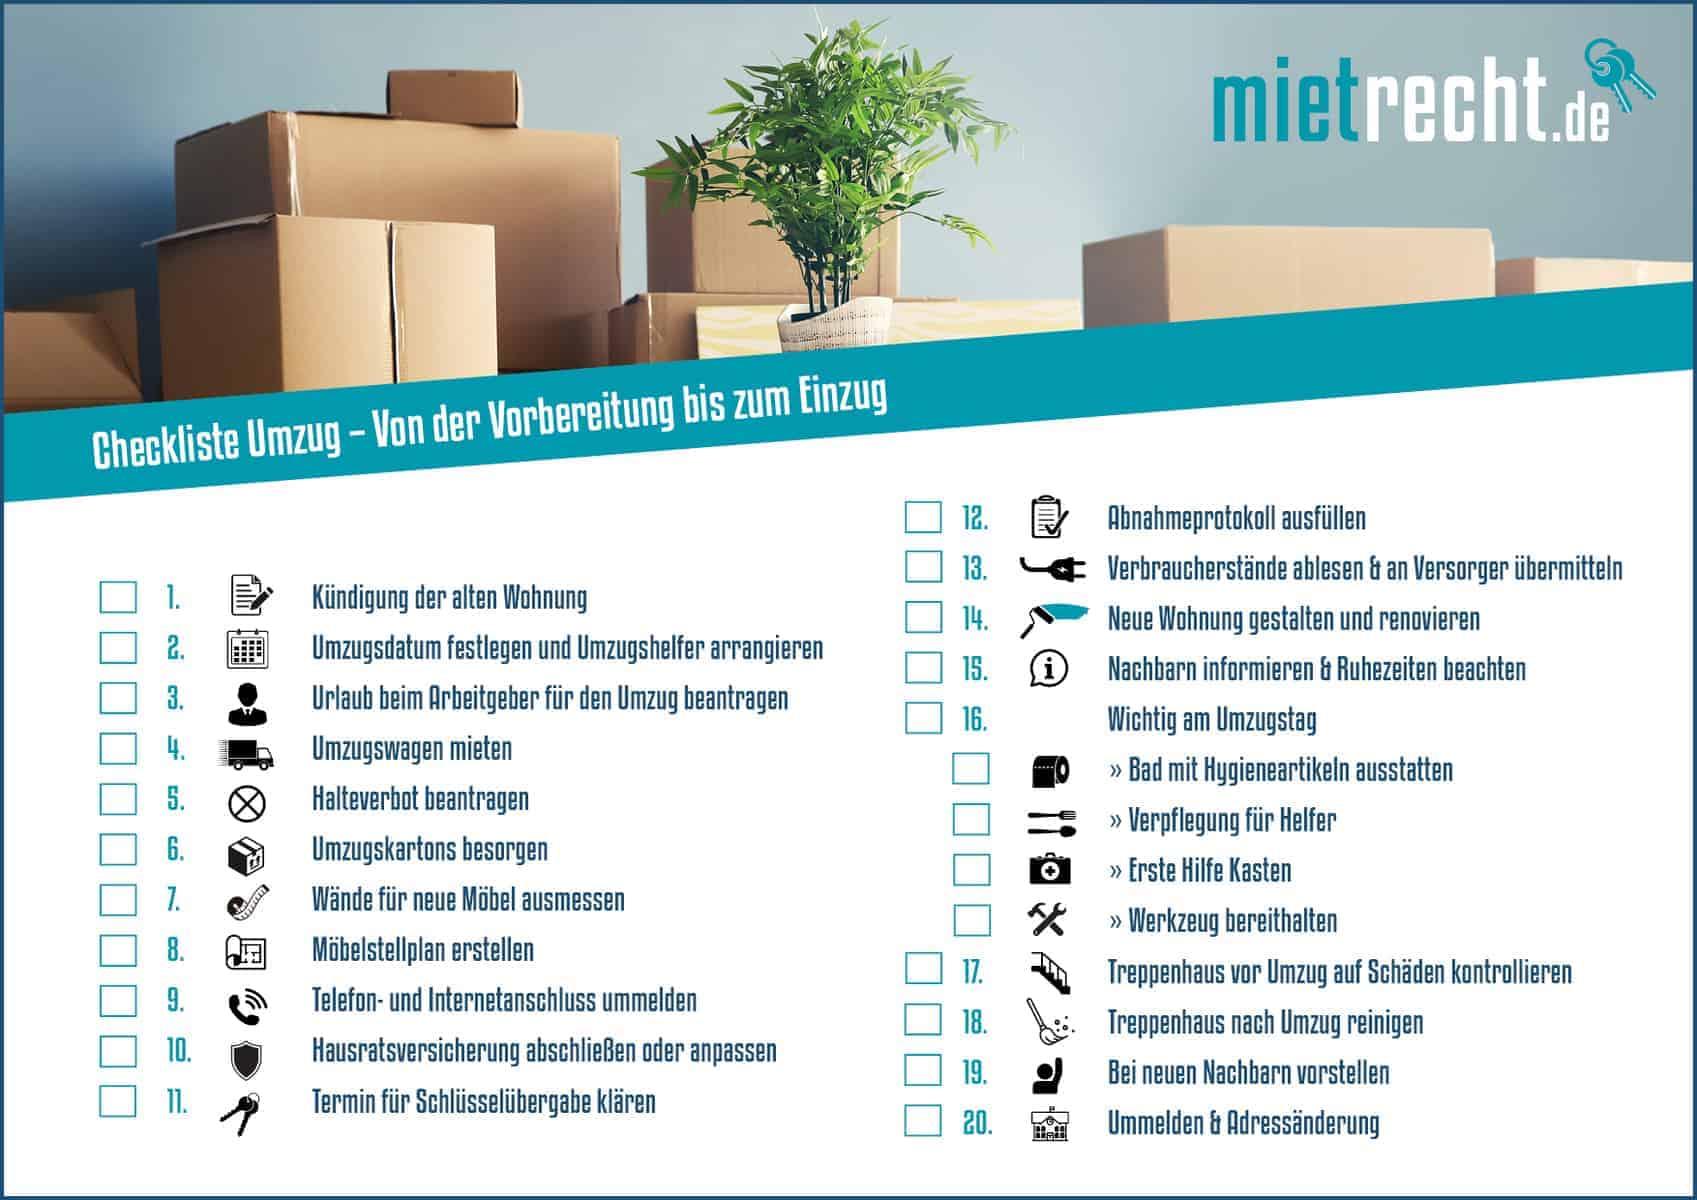 Checkliste Umzug Von Der Vorbereitung Bis Zum Einzug Mieterinfos